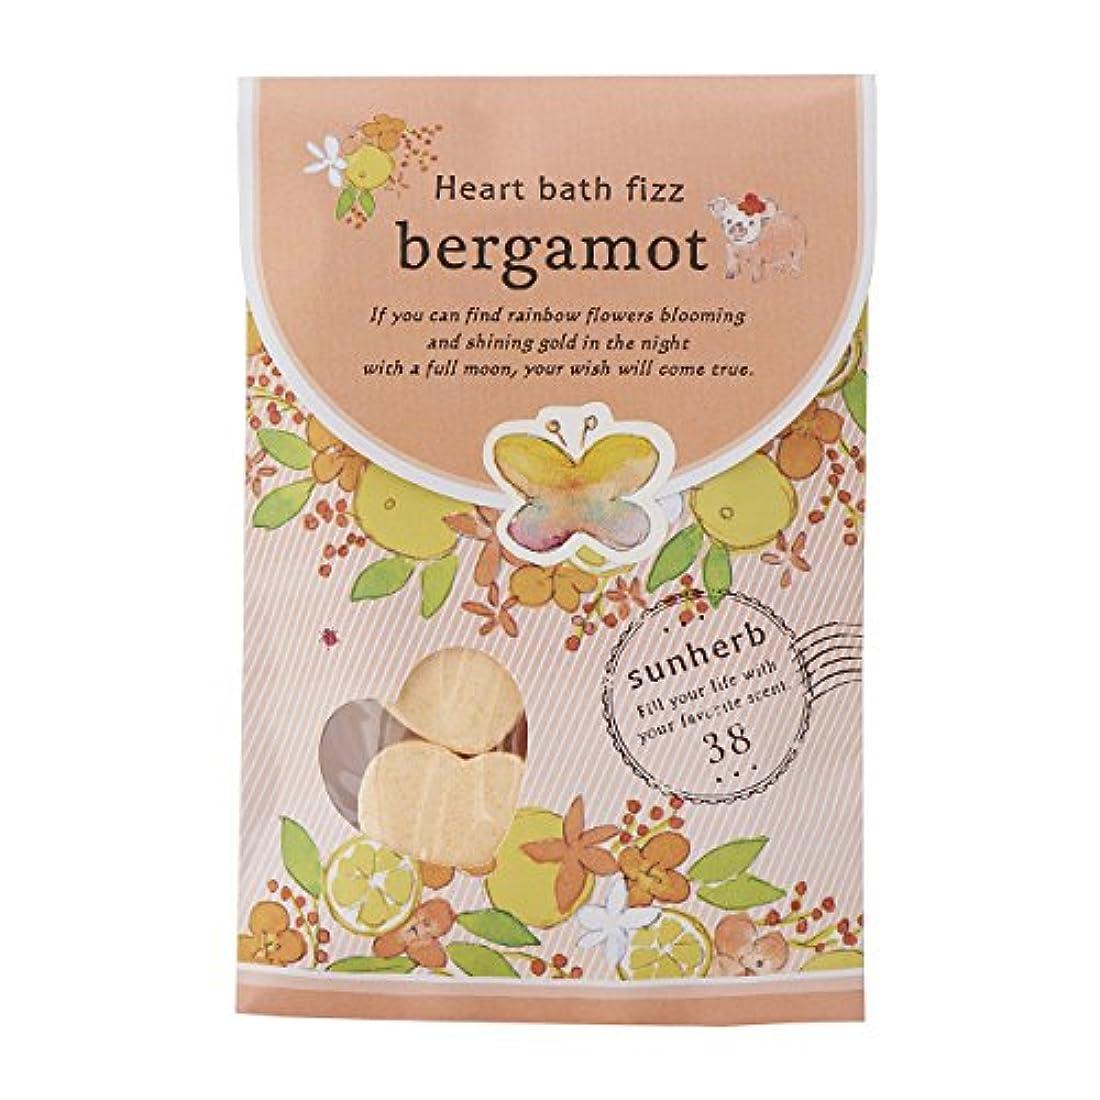 サンハーブ ハートバスフィズ28g×2包 ベルガモット(発泡タイプの入浴料 懐かしい甘酸っぱい香り)